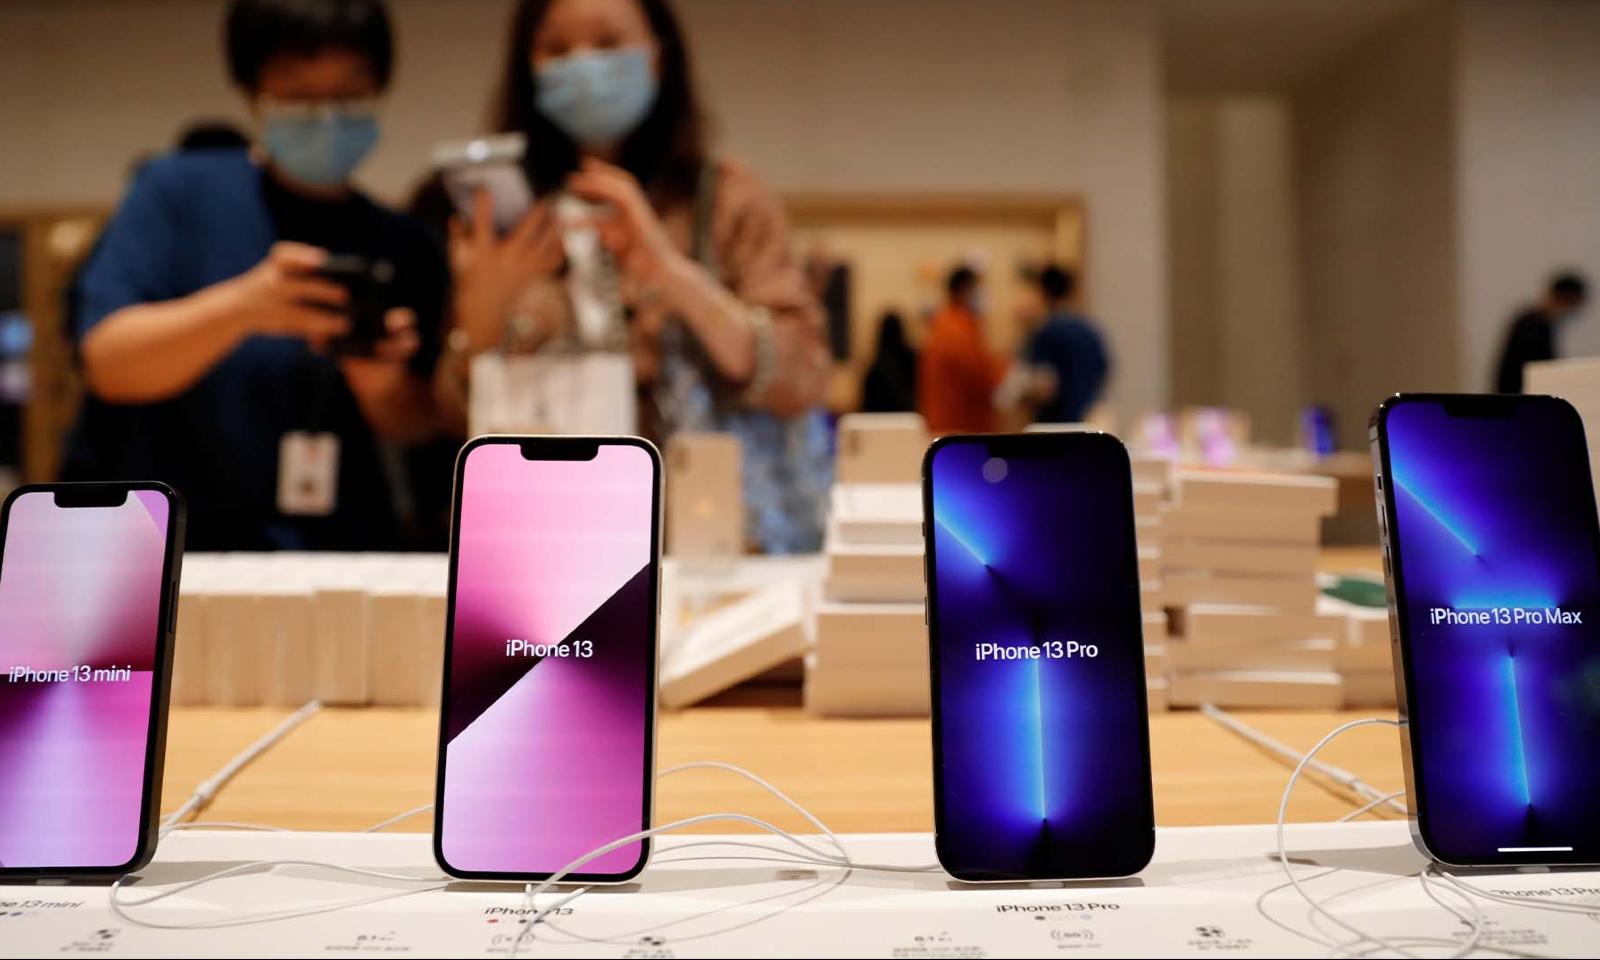 مختلف رپورٹس کے مطابق اس سال چین میں پری آرڈر میں ریکارڈ تعداد میں لوگوں نے آئی فونز بک کرائے، رائٹرز فوٹو